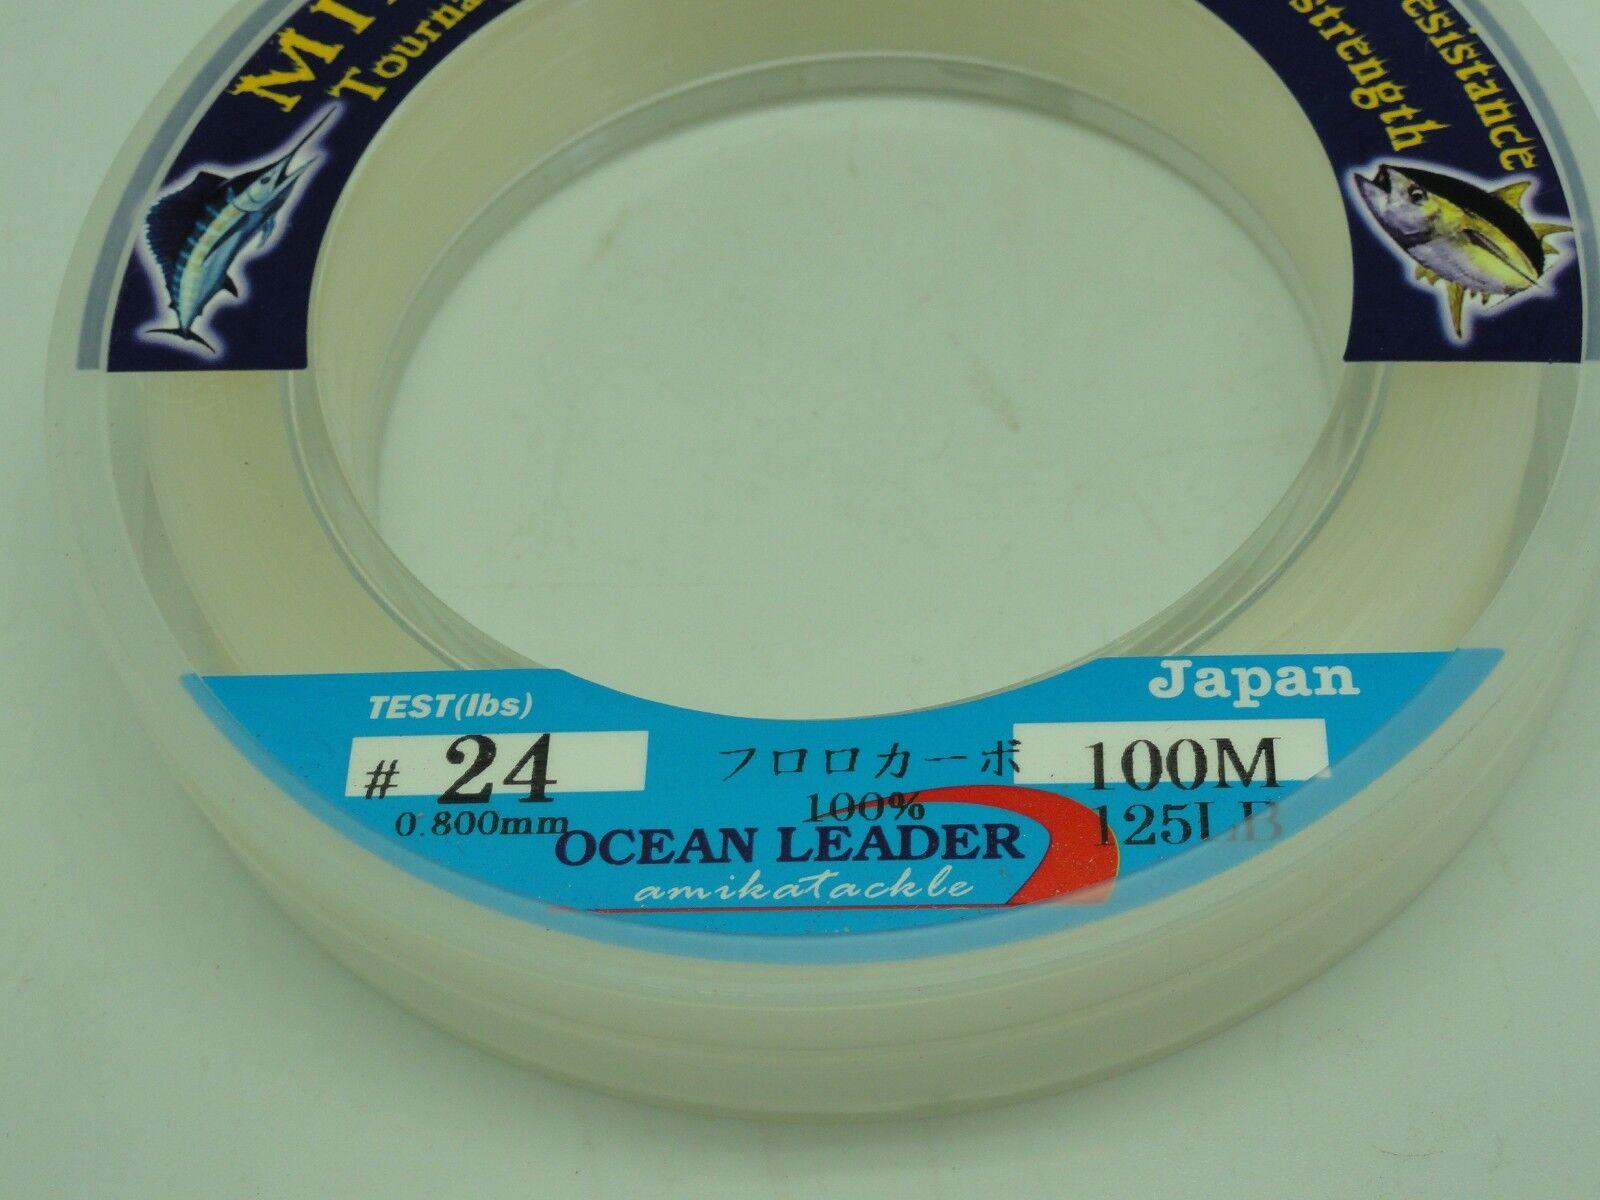 Amika Mirage Flugoldcarbon Leader Japan U.S 90 125lb 110yd Jigging BG Fishing